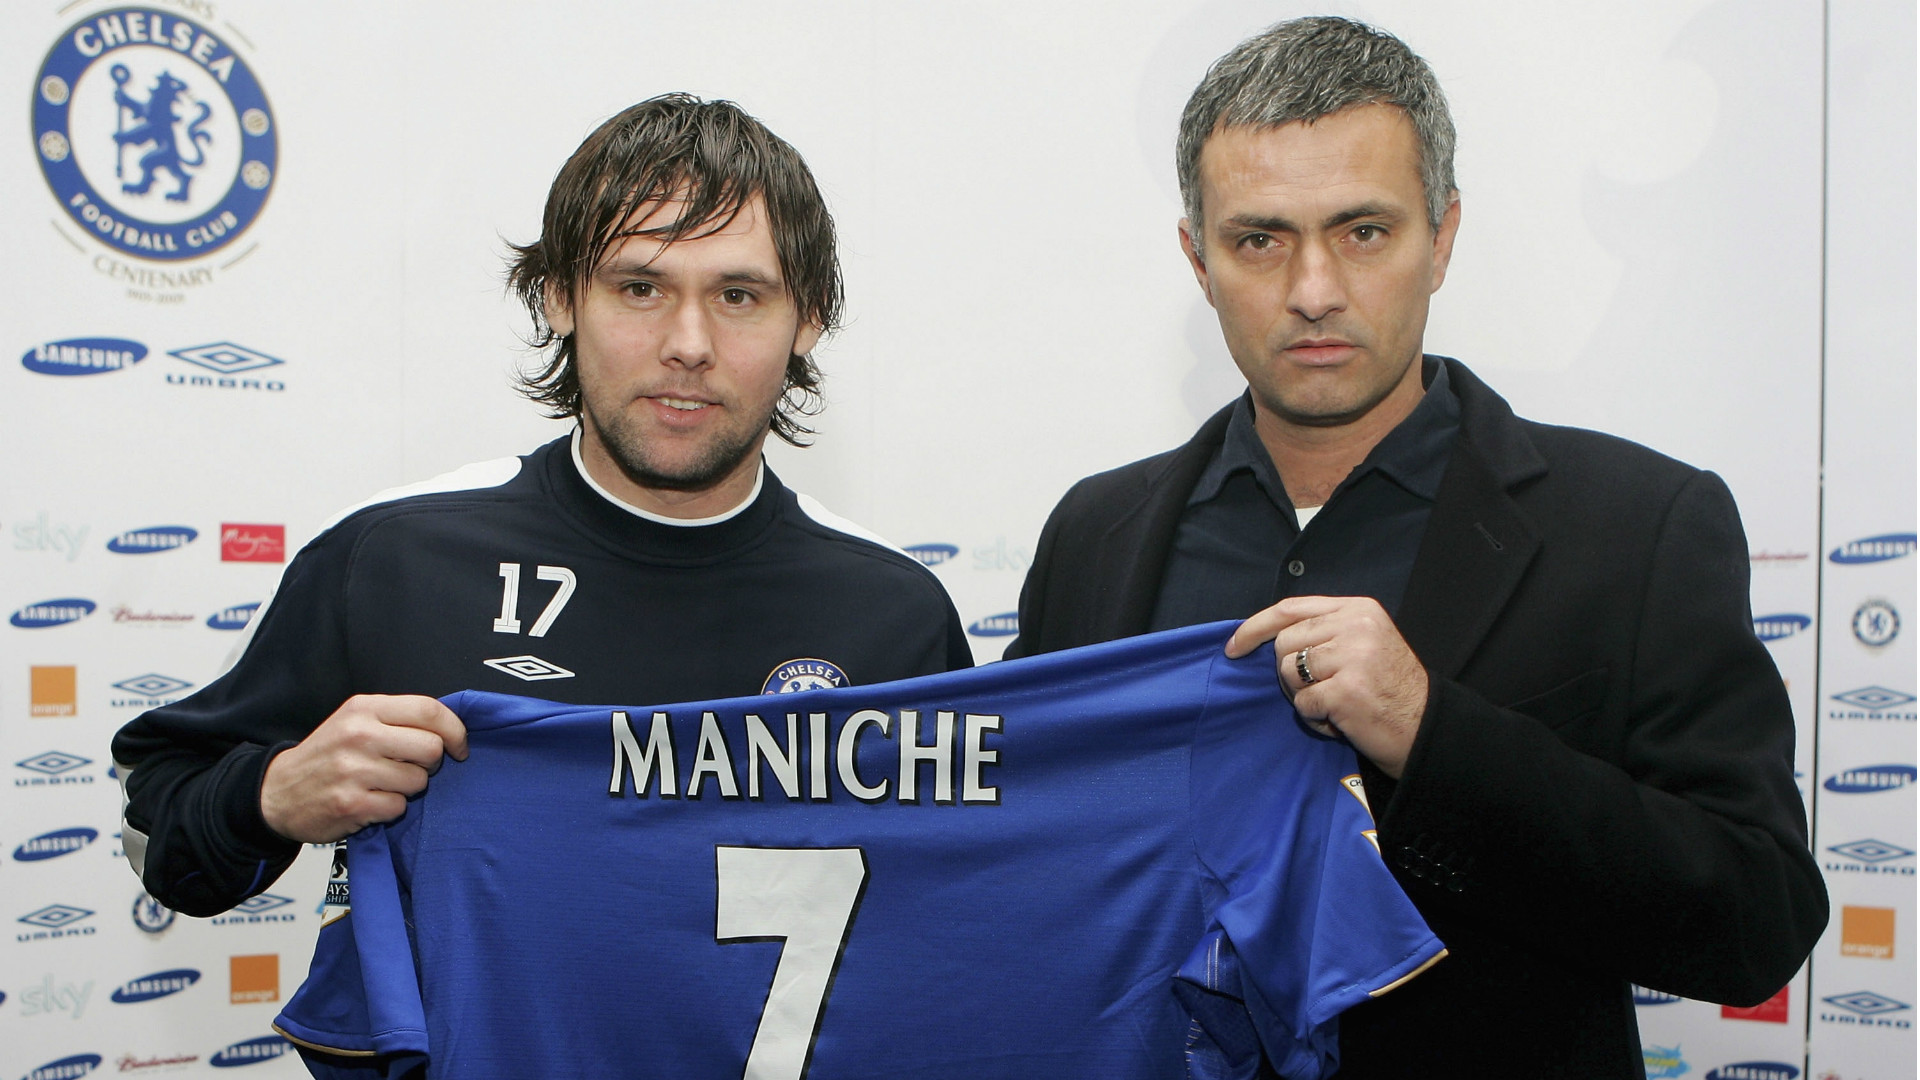 Maniche Jose Mourinho Chelsea